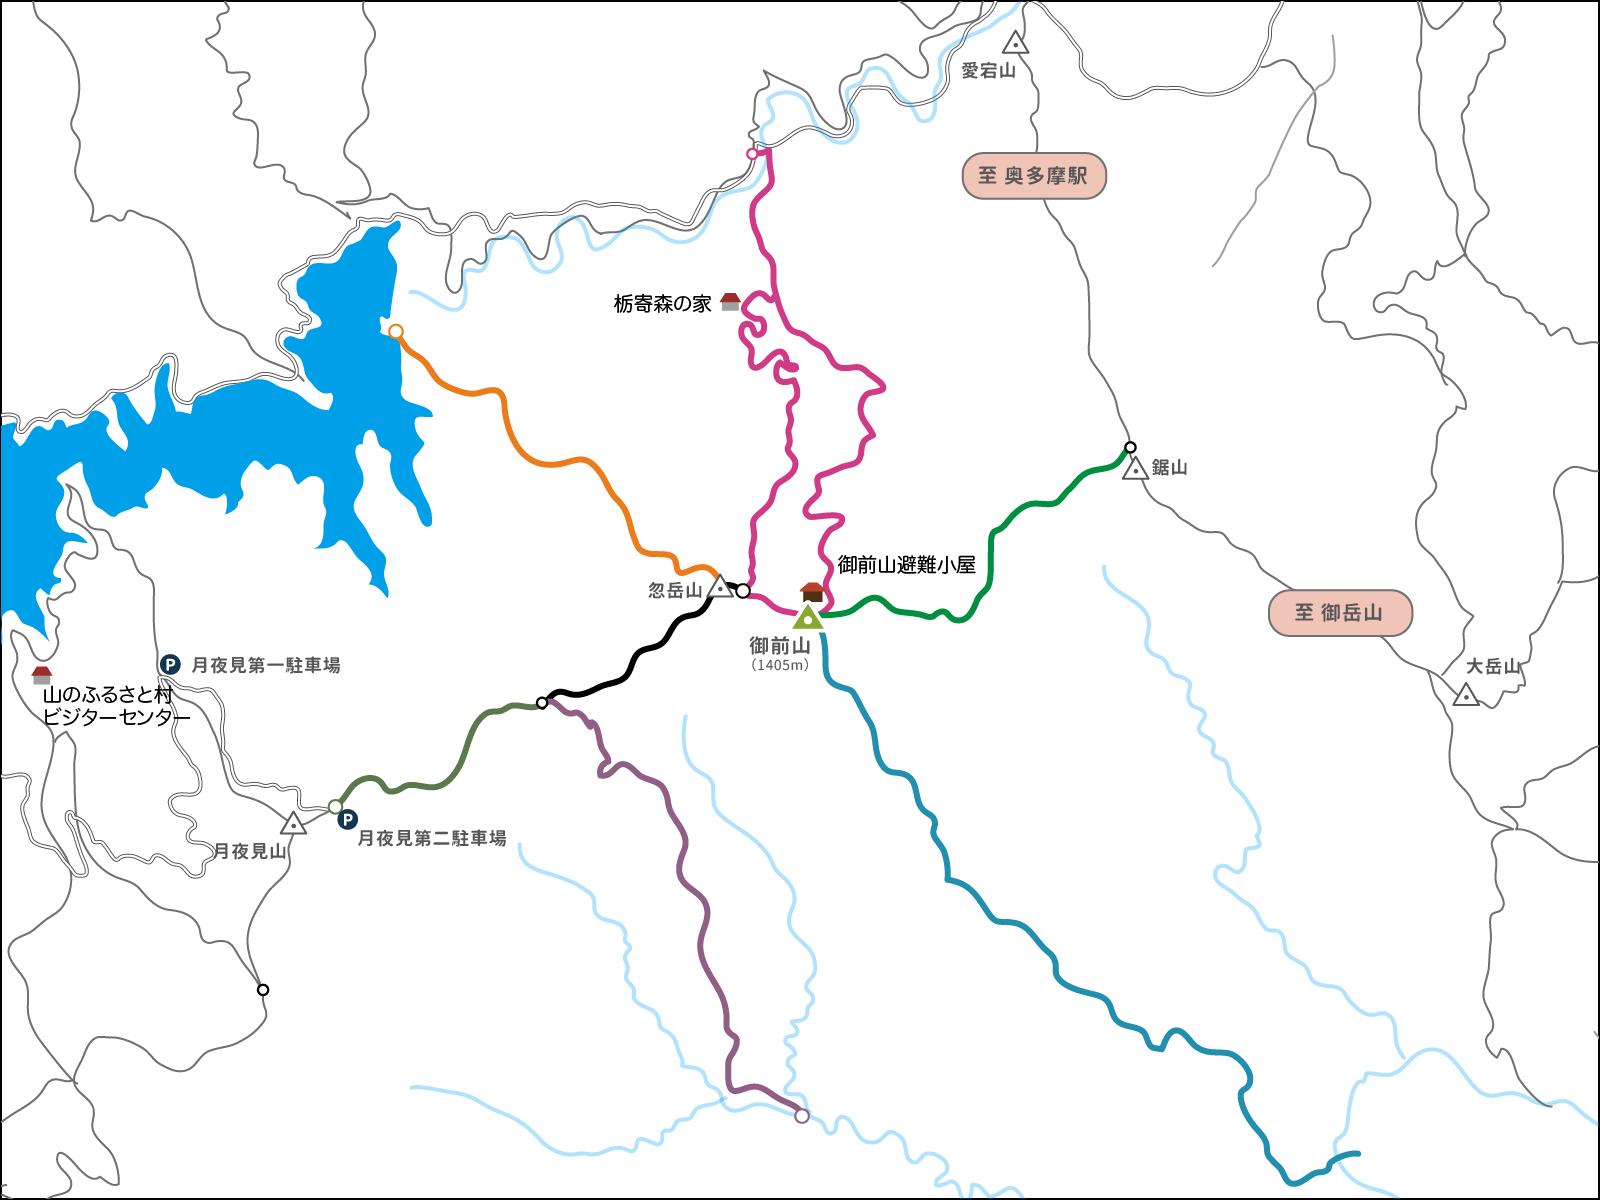 御前山のコースマップ